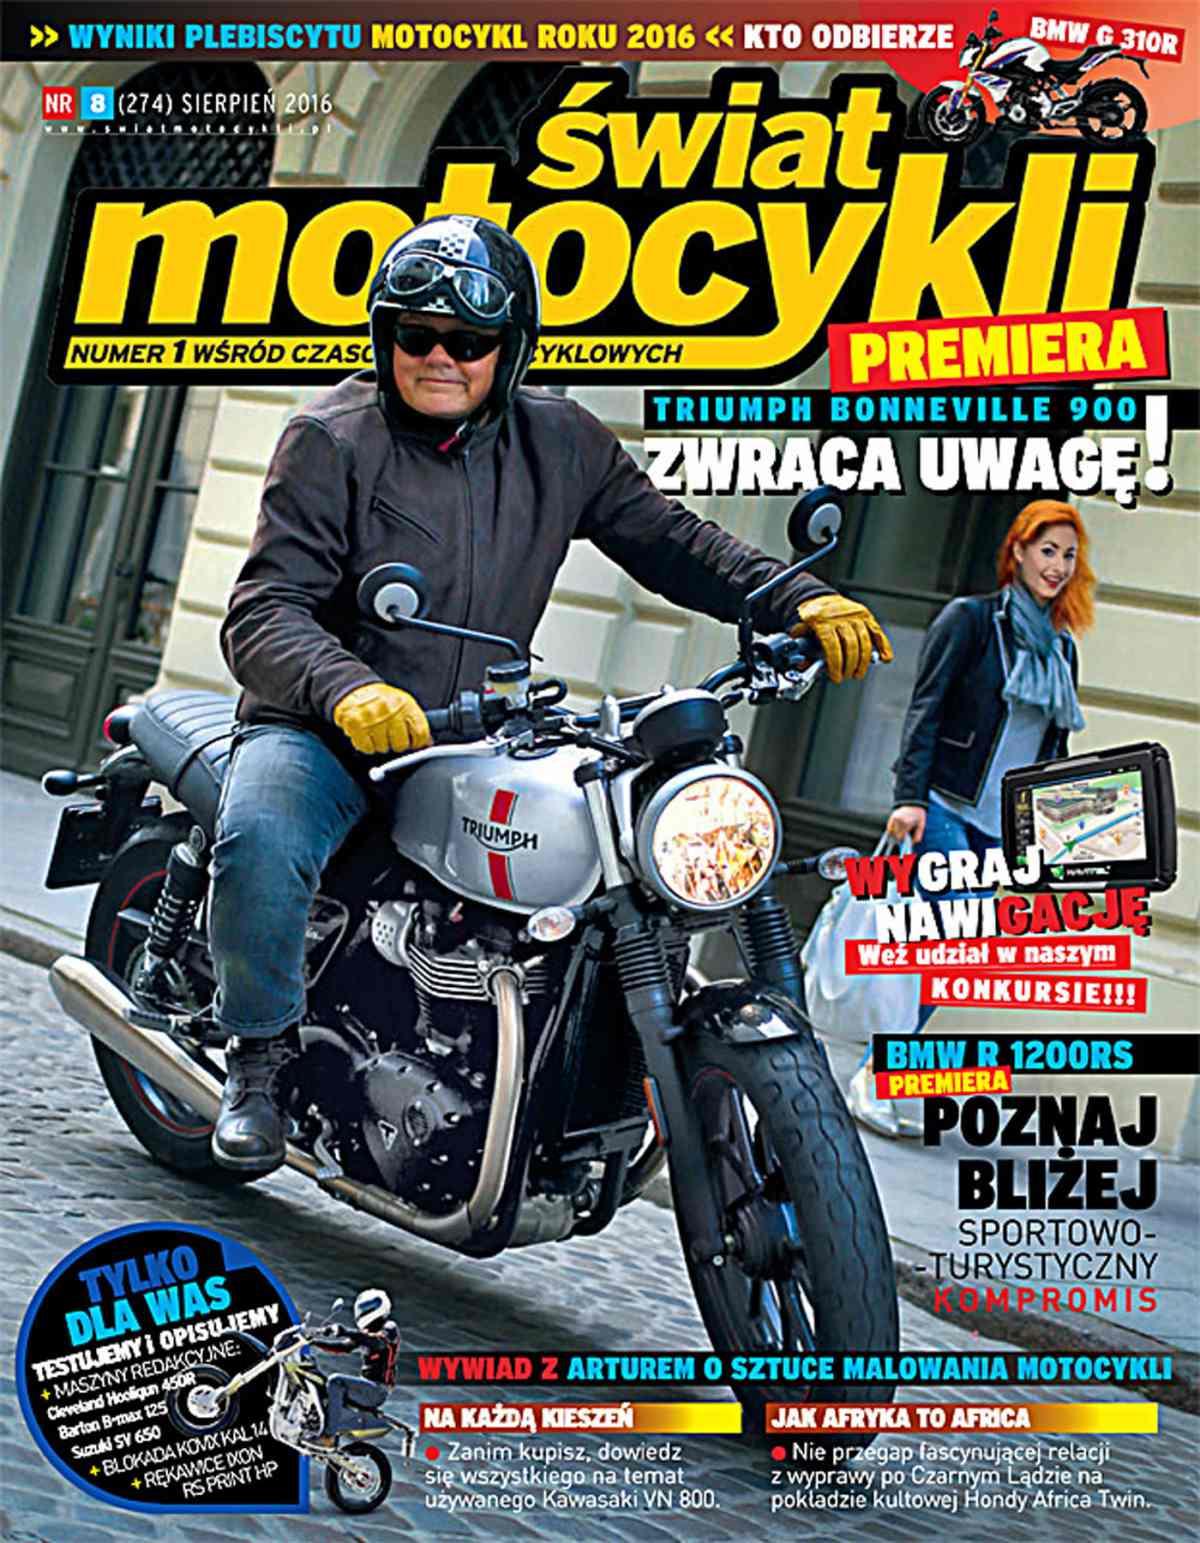 Świat Motocykli 8/2016 - Ebook (Książka PDF) do pobrania w formacie PDF